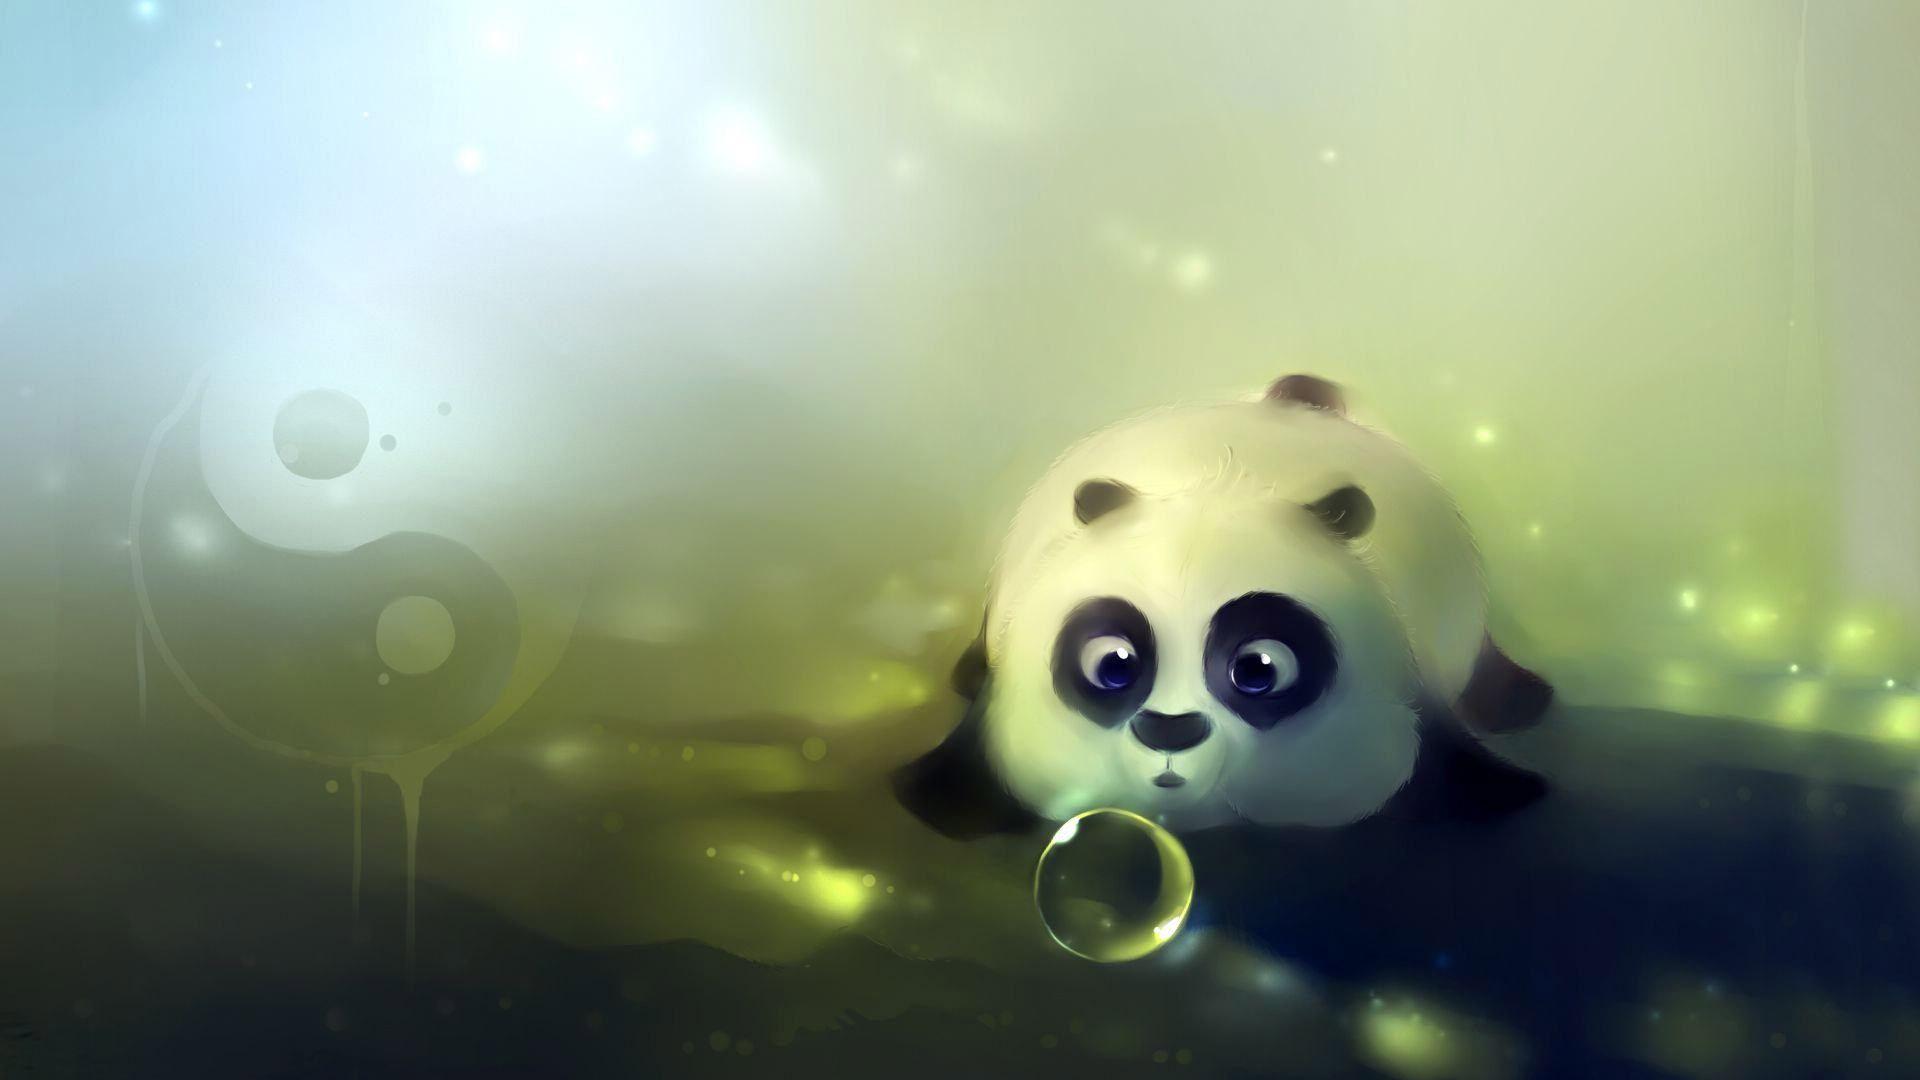 Cartoon Panda Looks Cute 3d Background Panda Wallpapers Hd Cute Wallpapers Panda Background